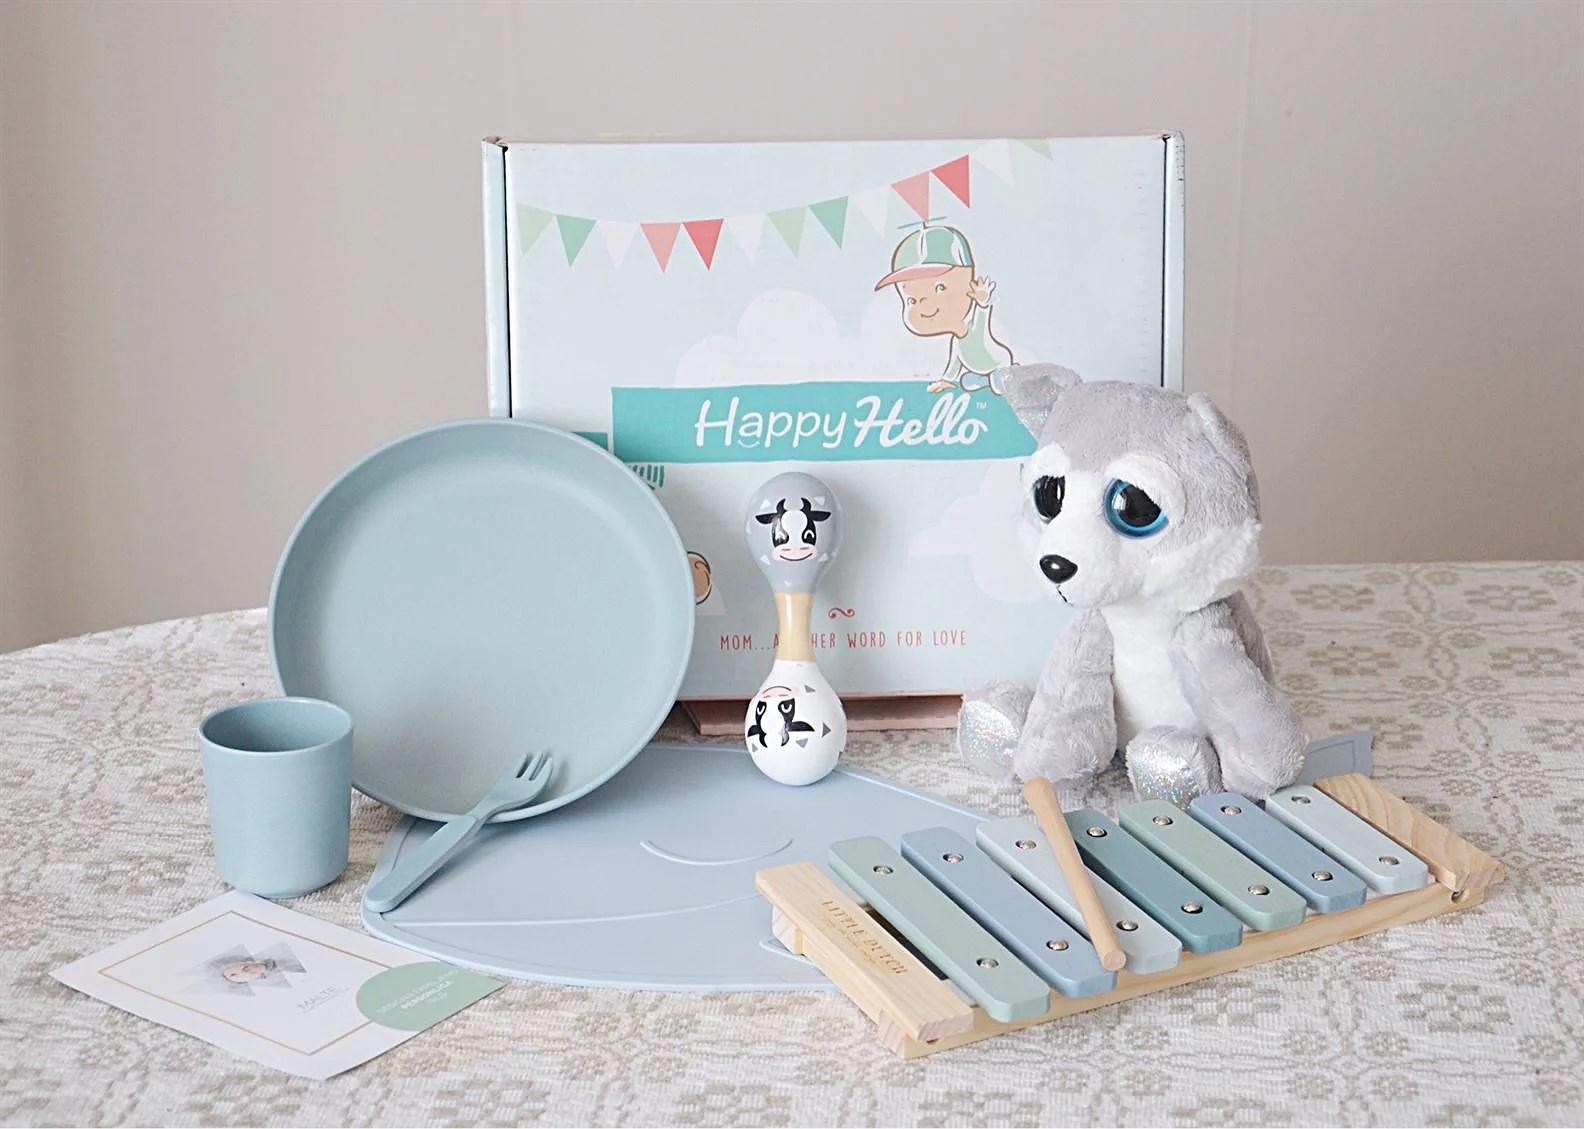 Prenumerationsbox för barn - Happy Hello!